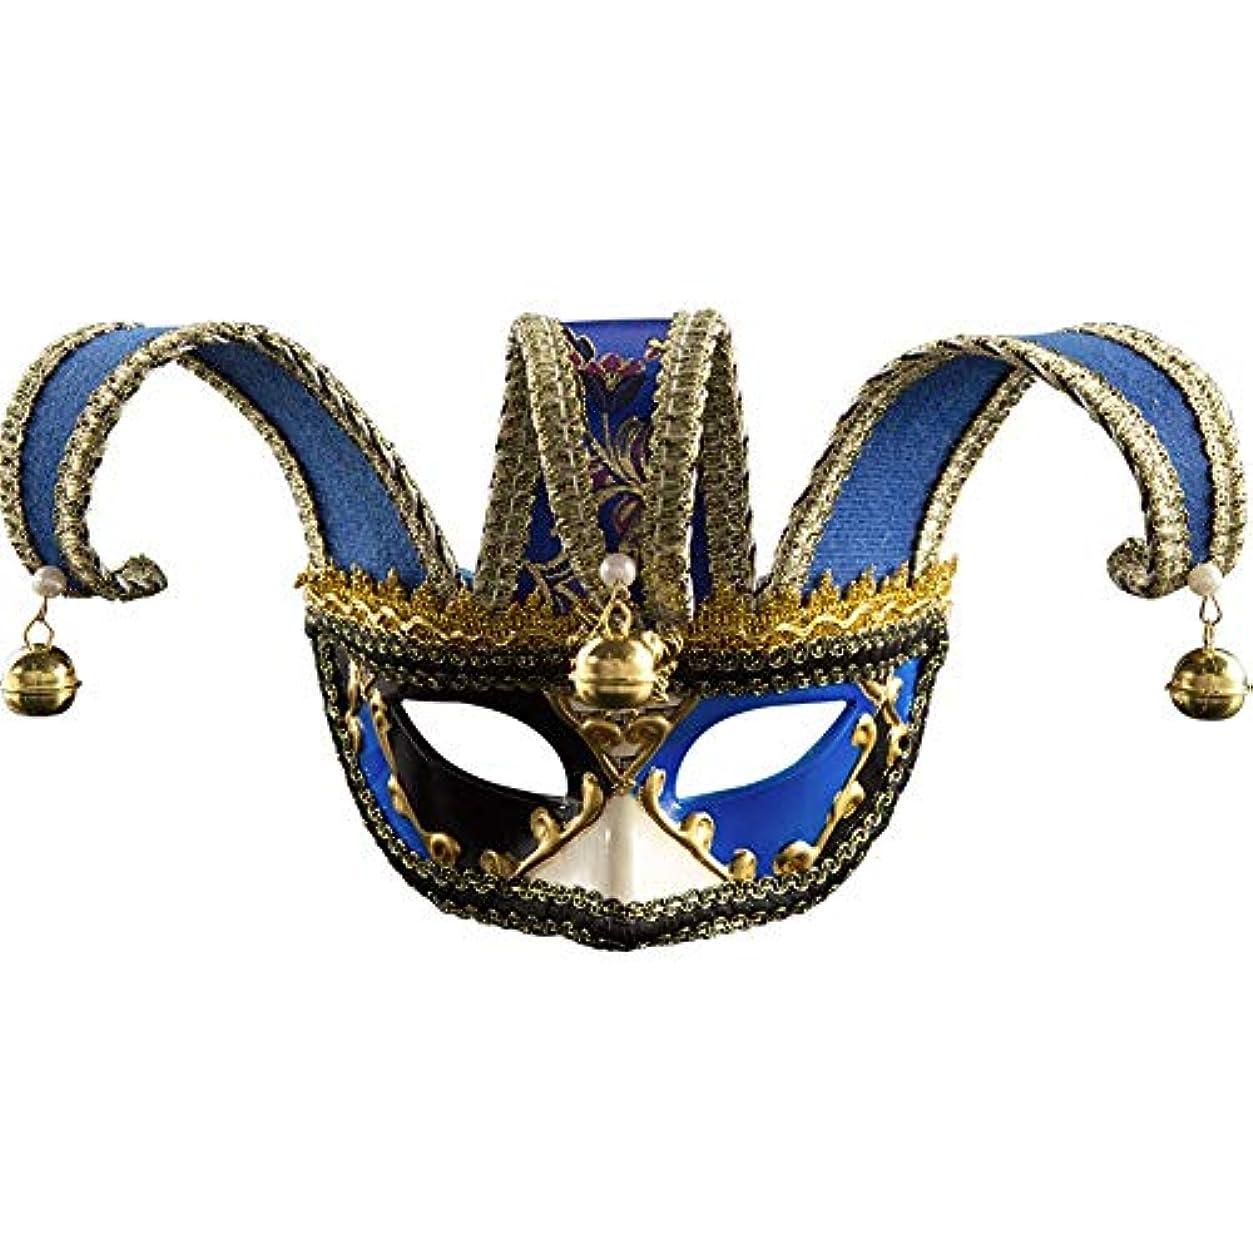 アスリート中世のタフダンスマスク ナイトクラブ音楽カーニバルマスク雰囲気クリスマスフェスティバルプラスチックマスクイブニングパーティーボール ホリデーパーティー用品 (色 : 青, サイズ : 16.5x29cm)